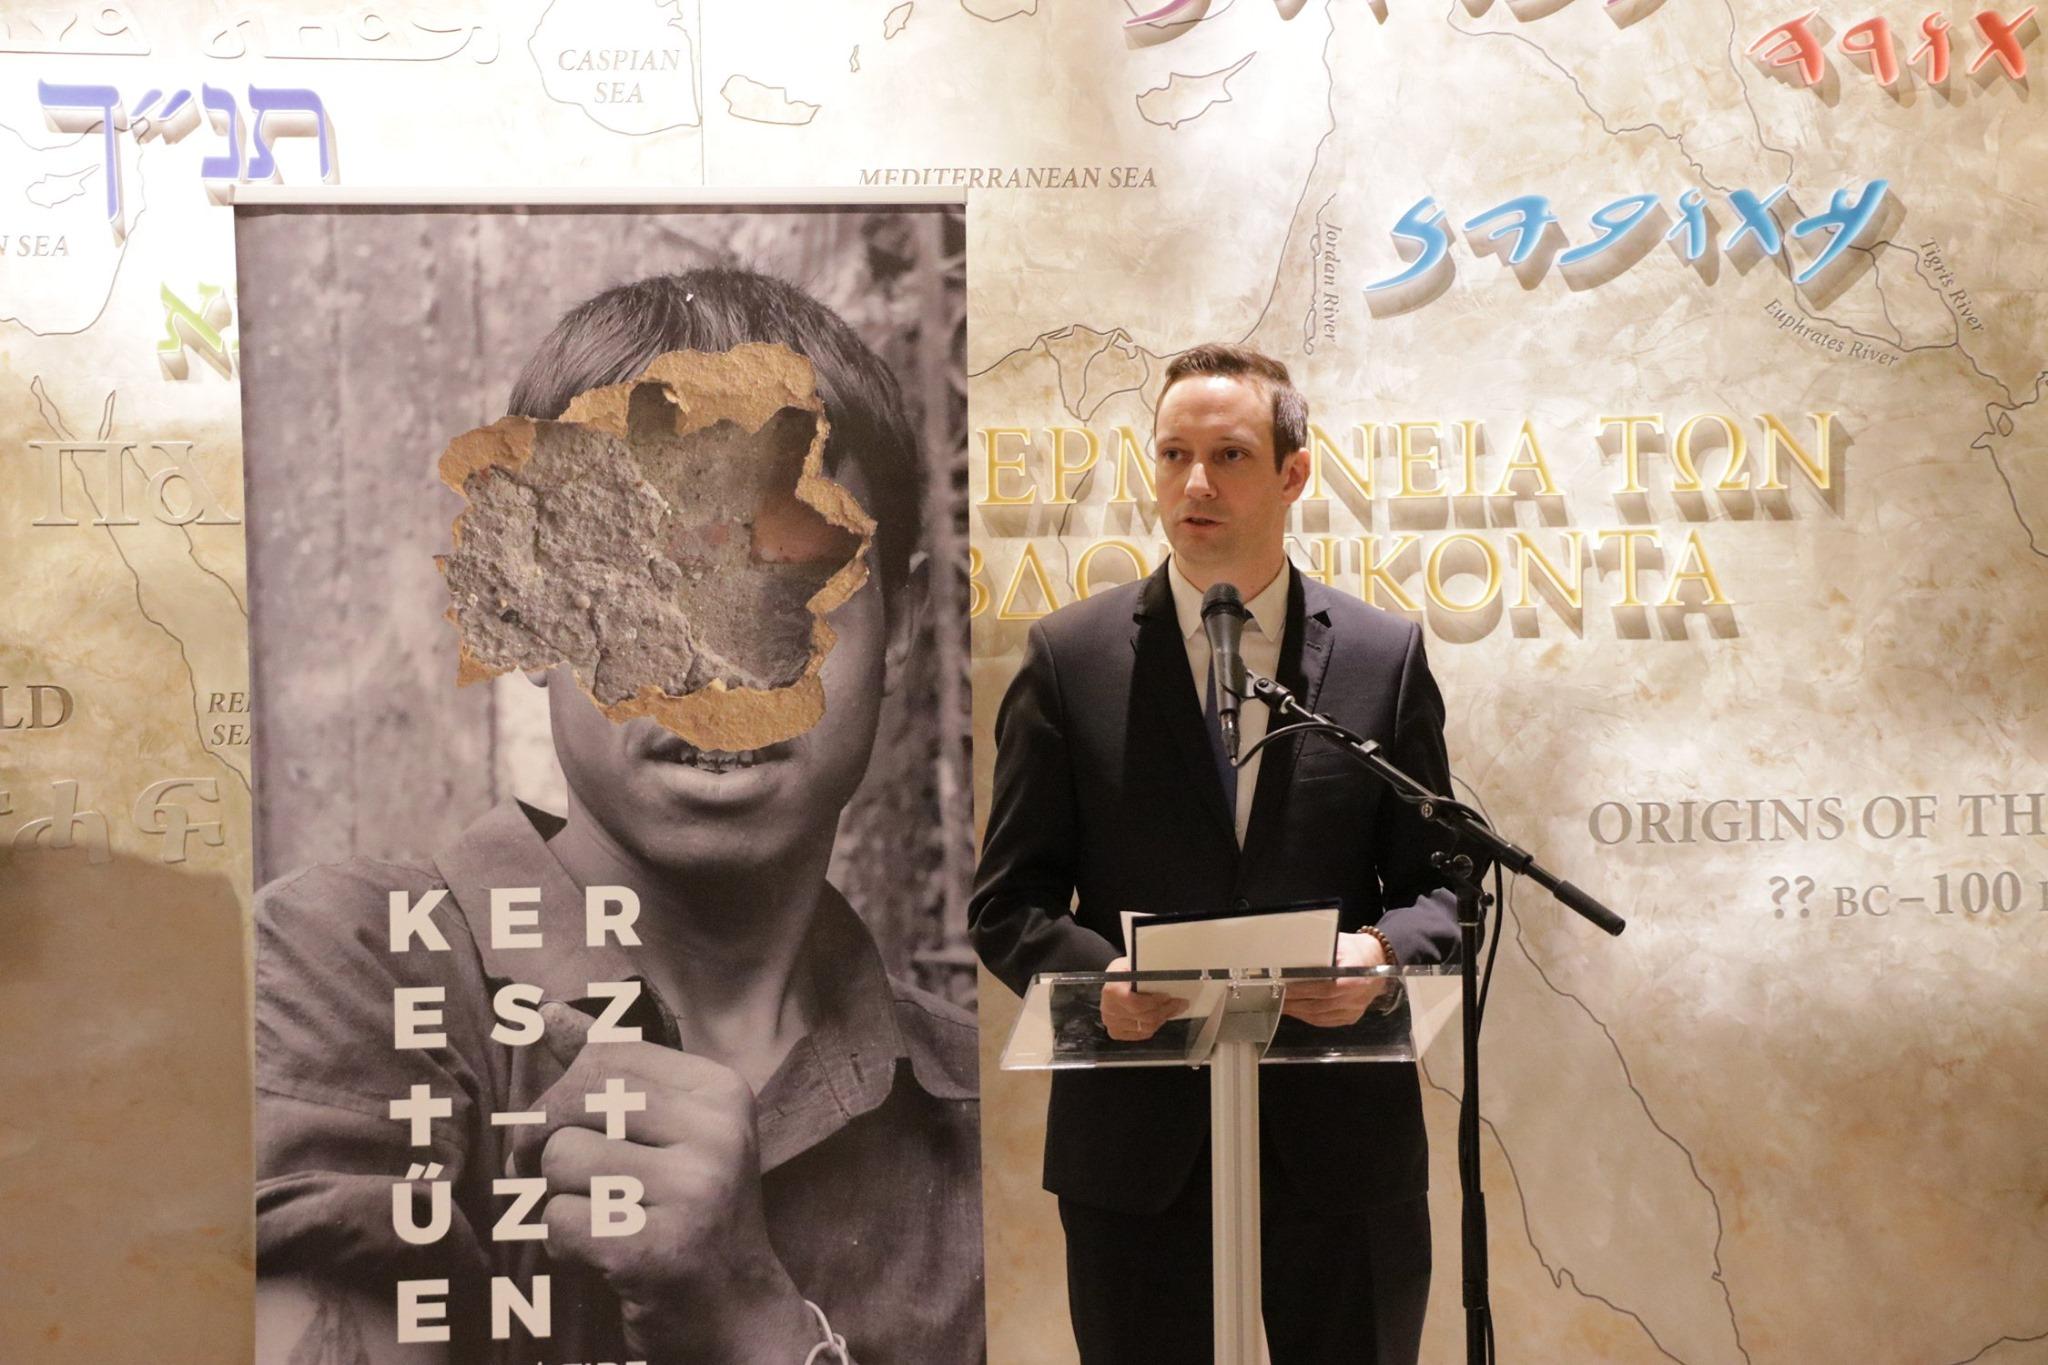 Staatssekretär fordert größere internationale Anstrengungen, um verfolgten Christen zu helfen